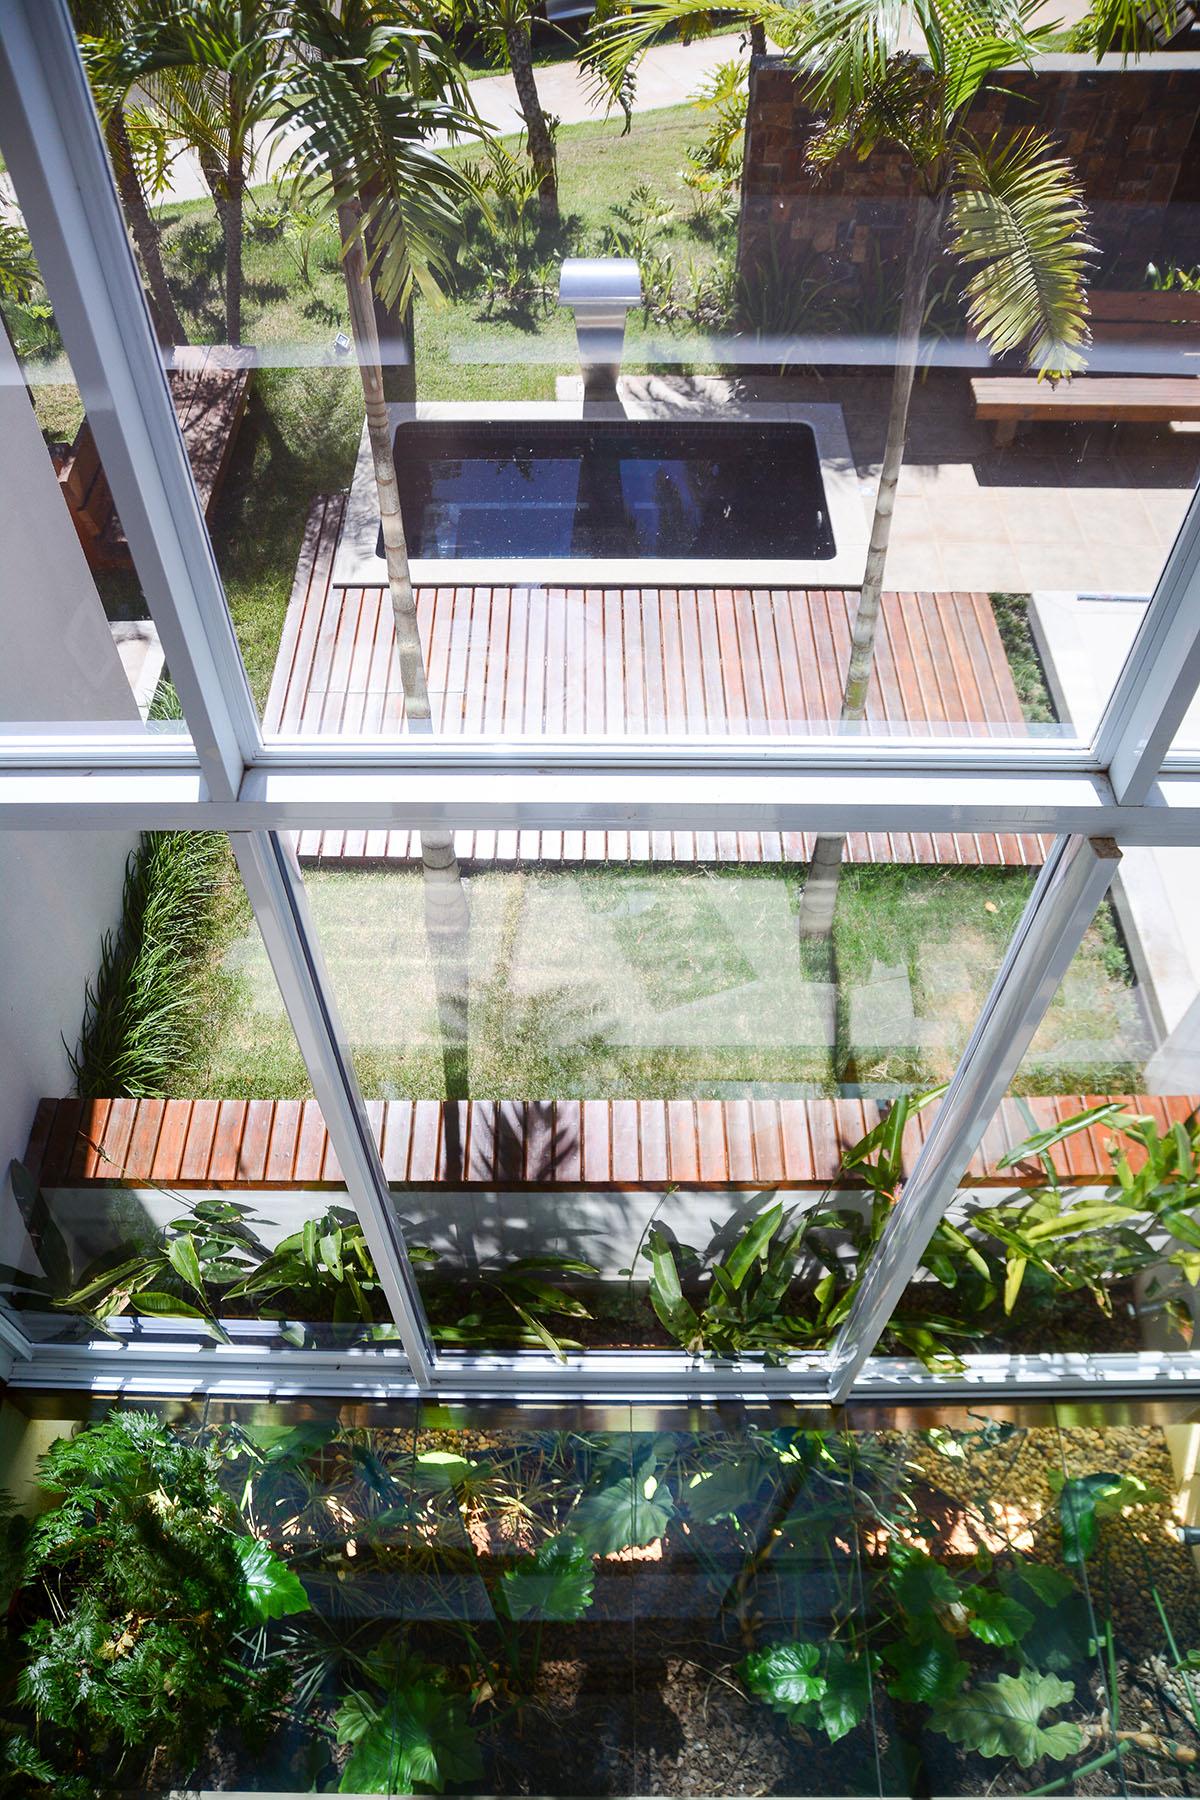 piso vidro compra seguro